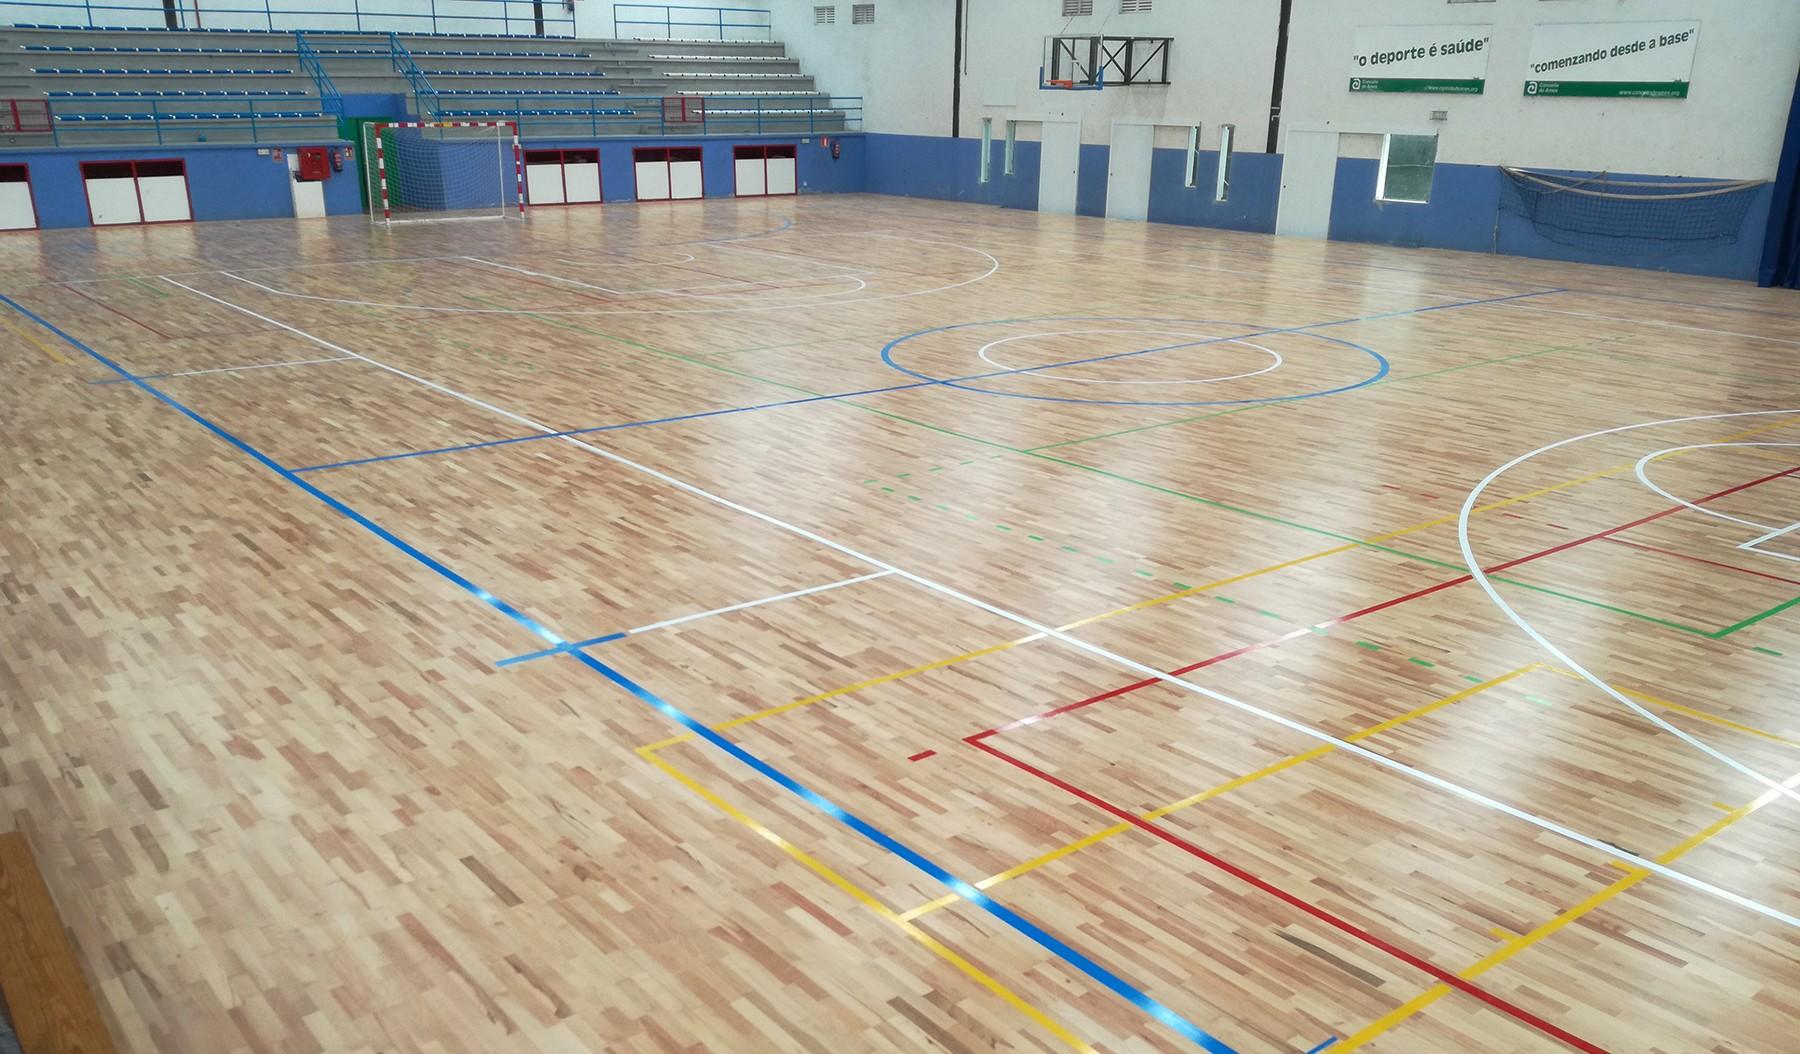 Tendencias en los tratamientos de mantenimiento de parqués deportivos multicapa de madera